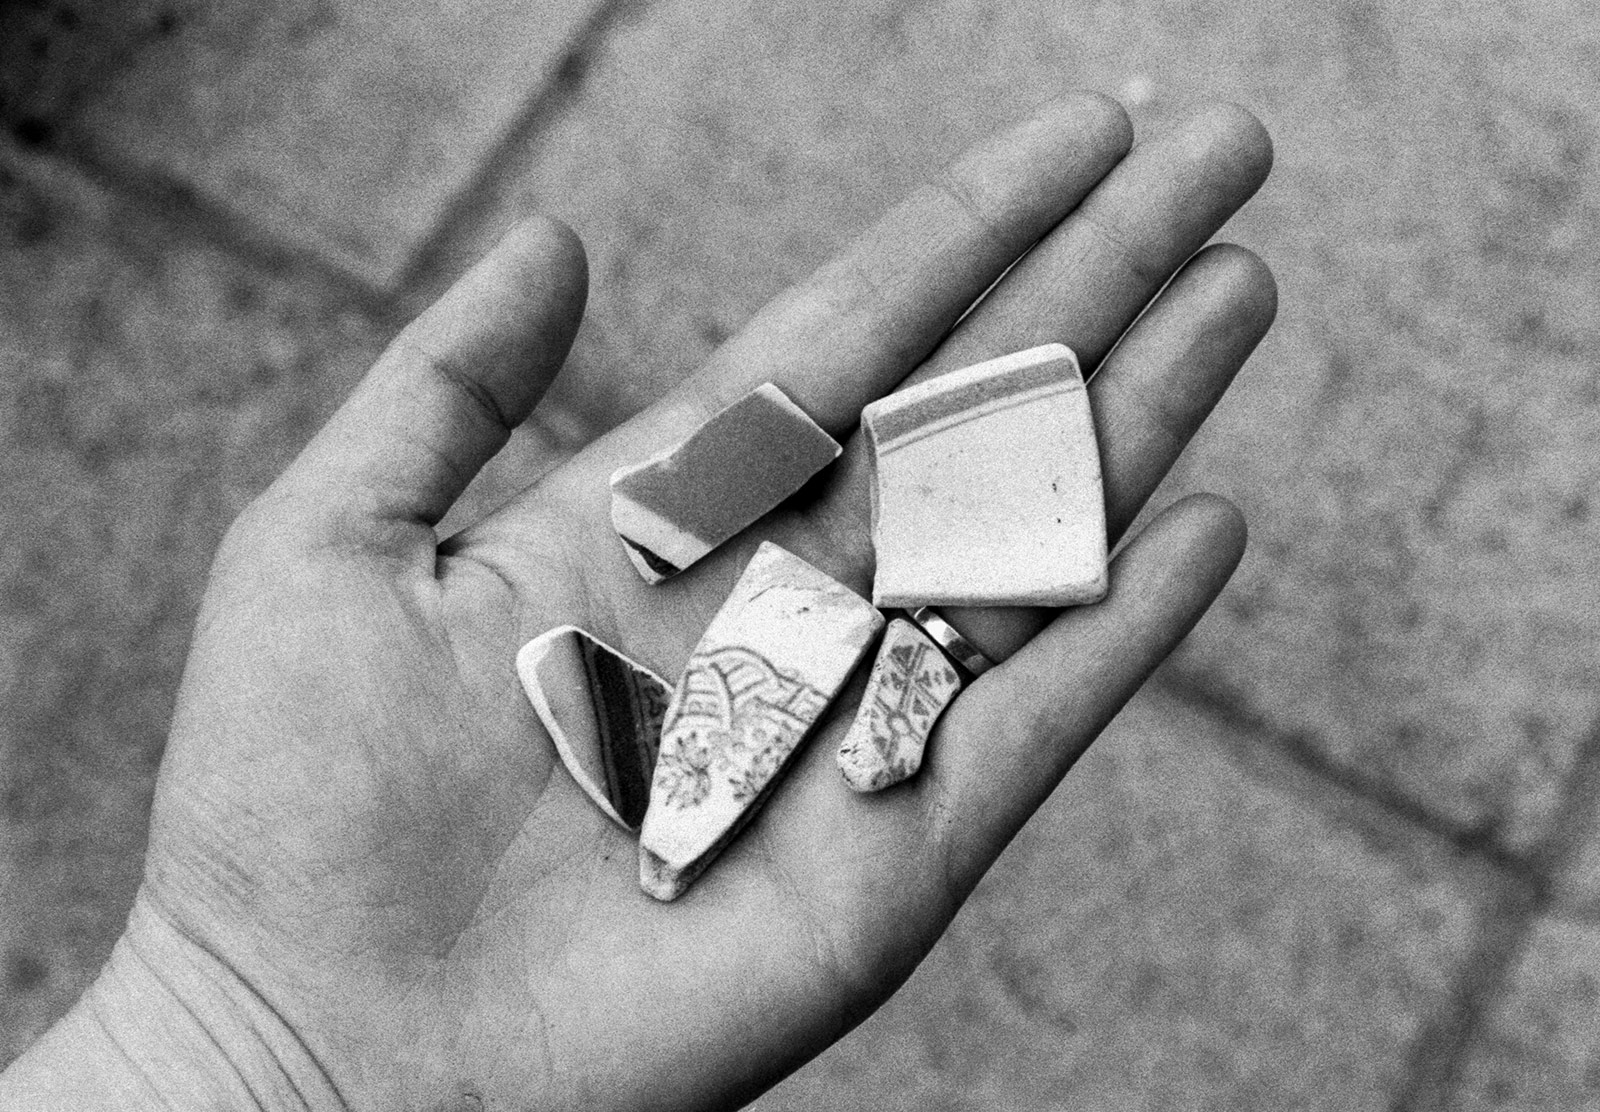 Broken crockery in hand